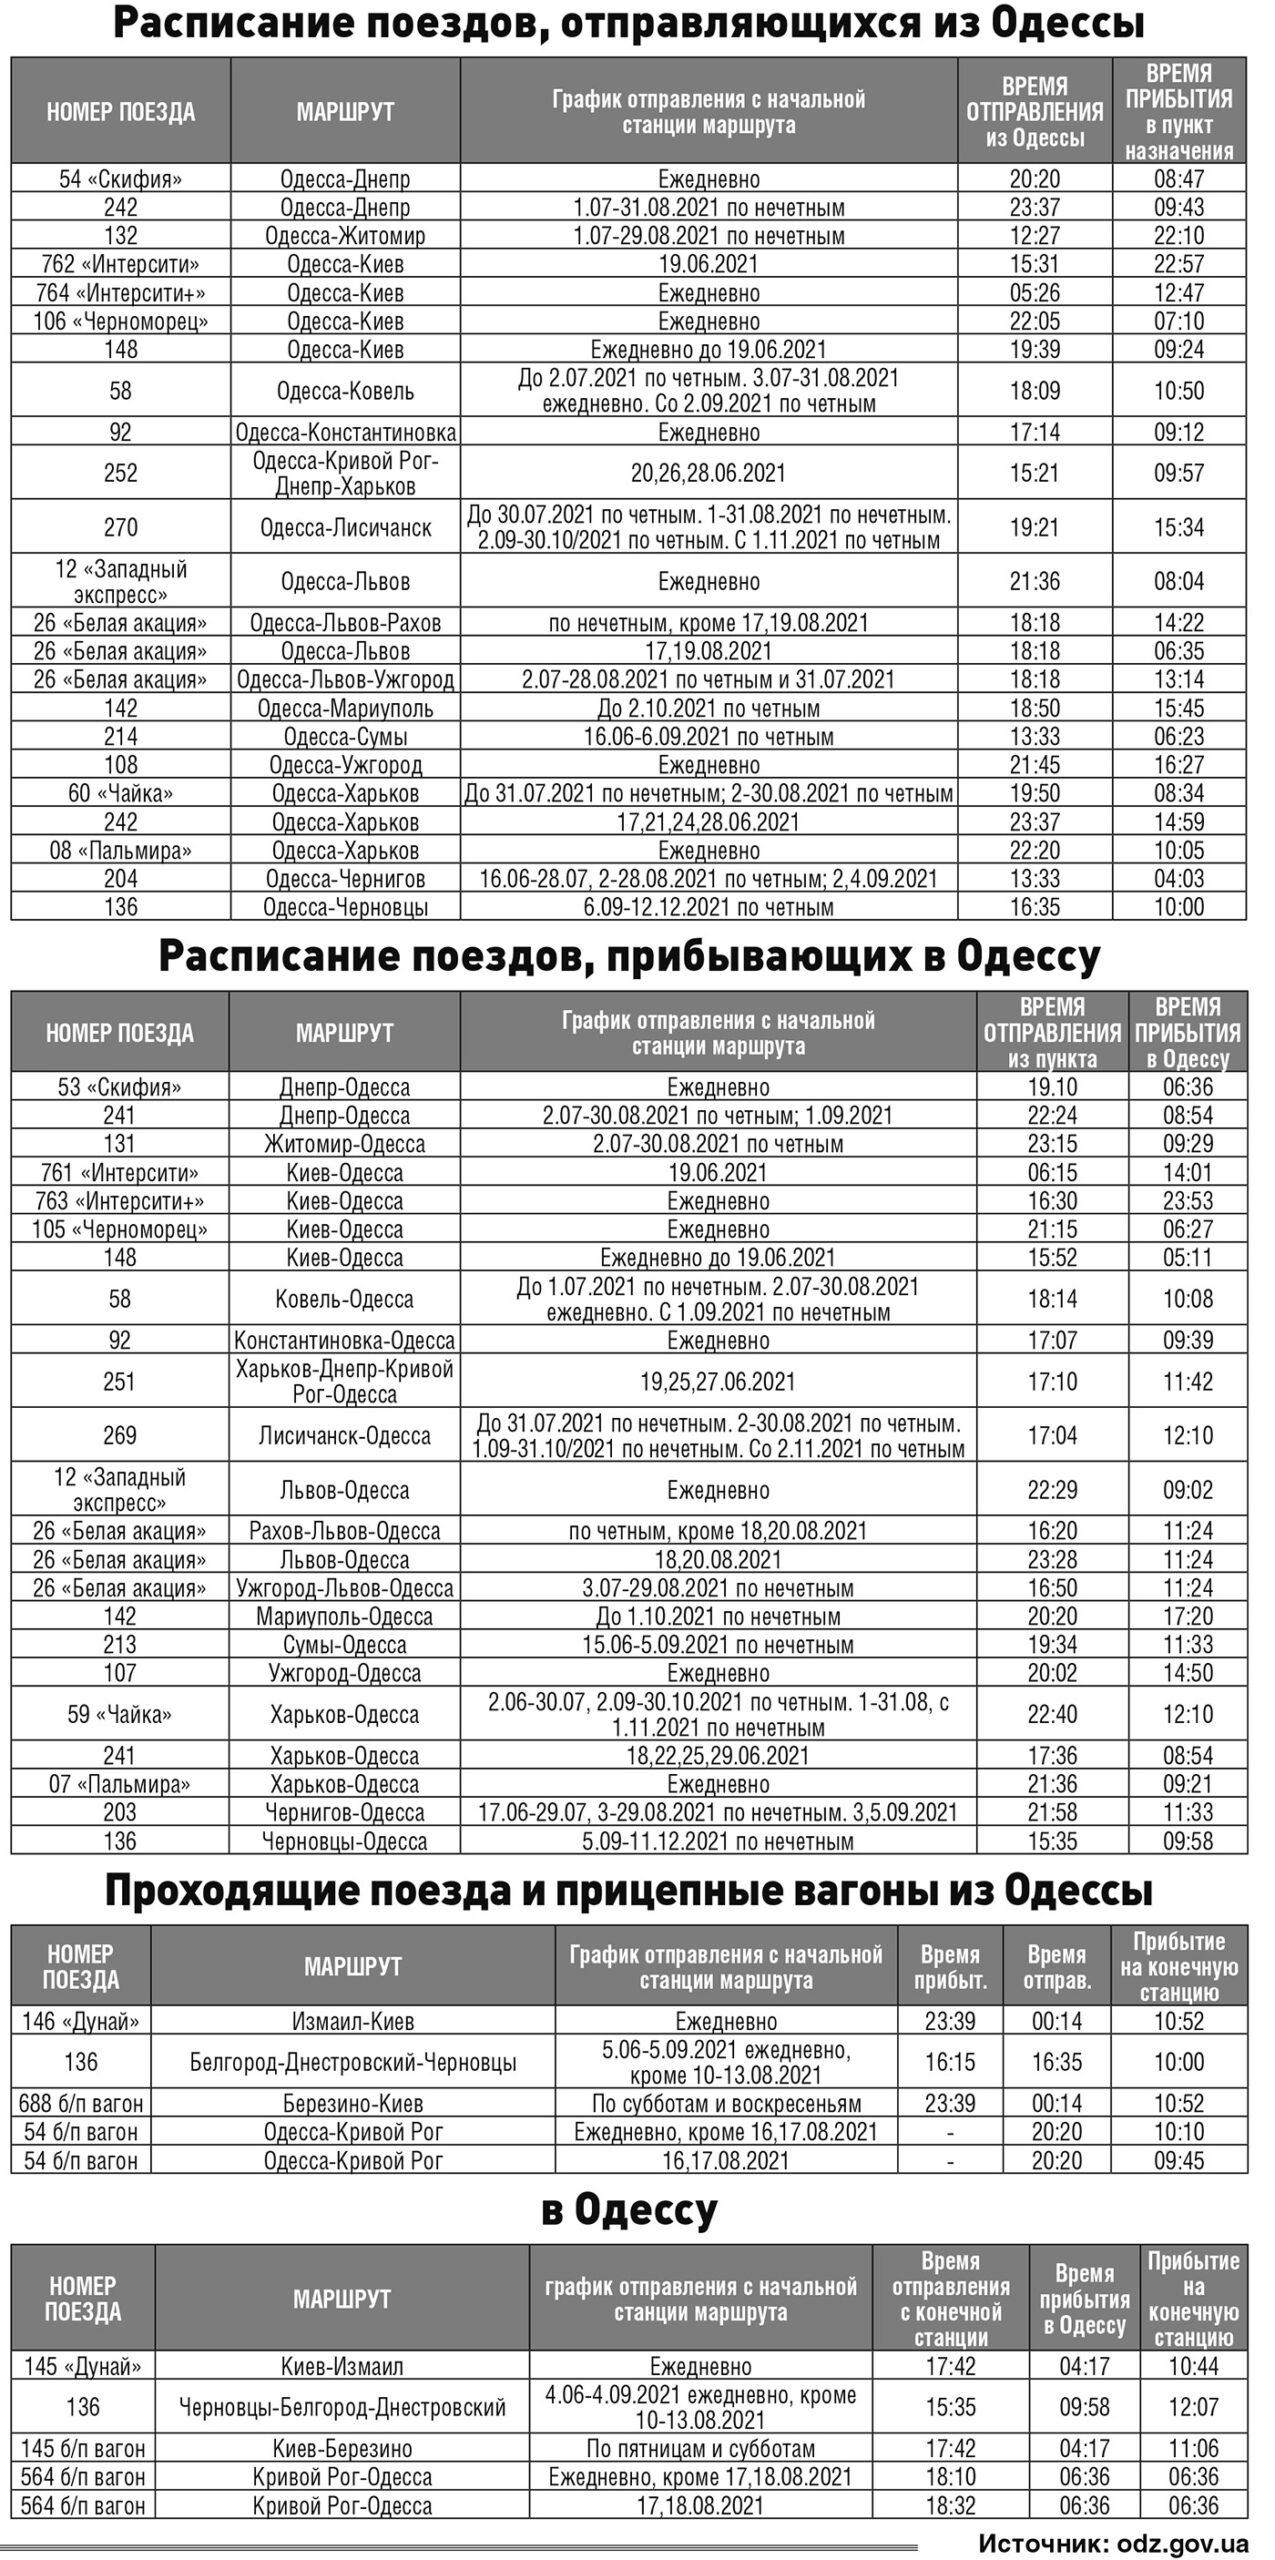 расписание поездов лето 2021